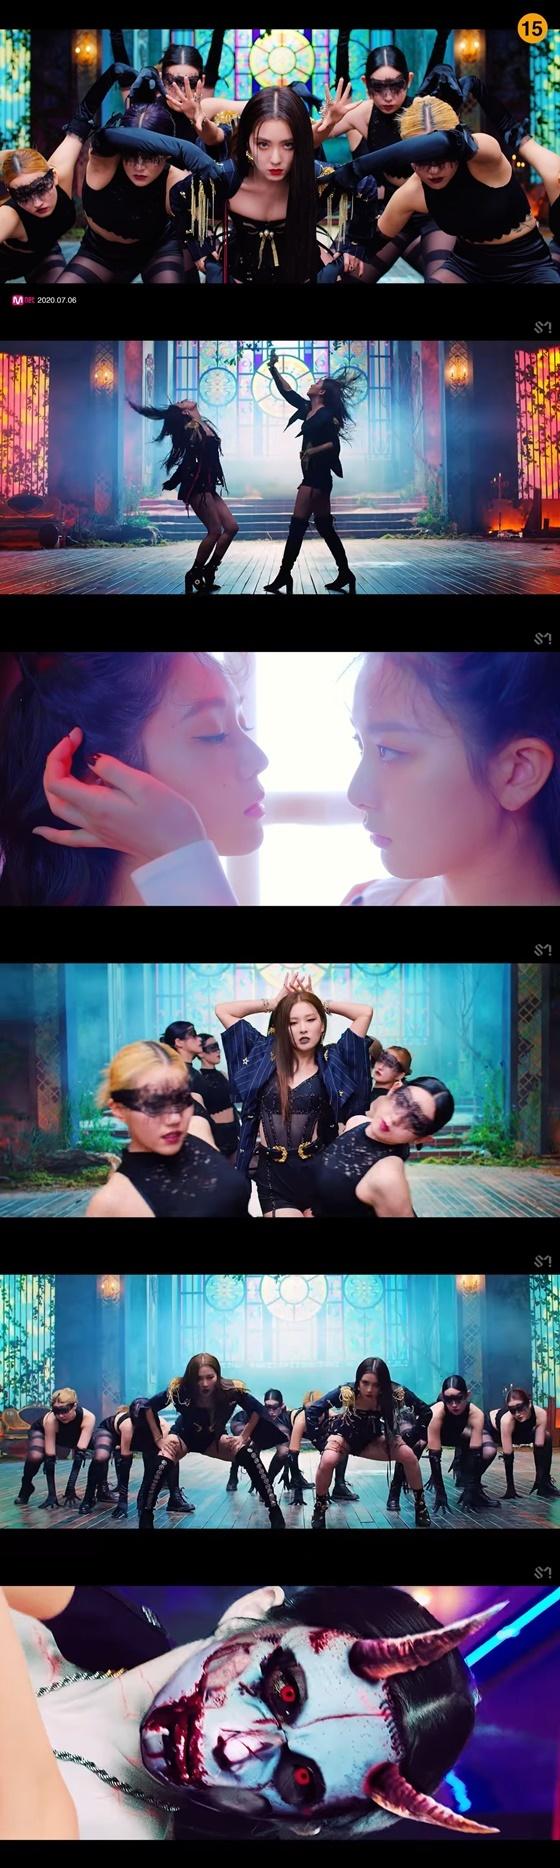 레드벨벳-아이린&슬기(Red Velvet - IRENE & SEULGI) 'Monster' 뮤직비디오 화면캡쳐